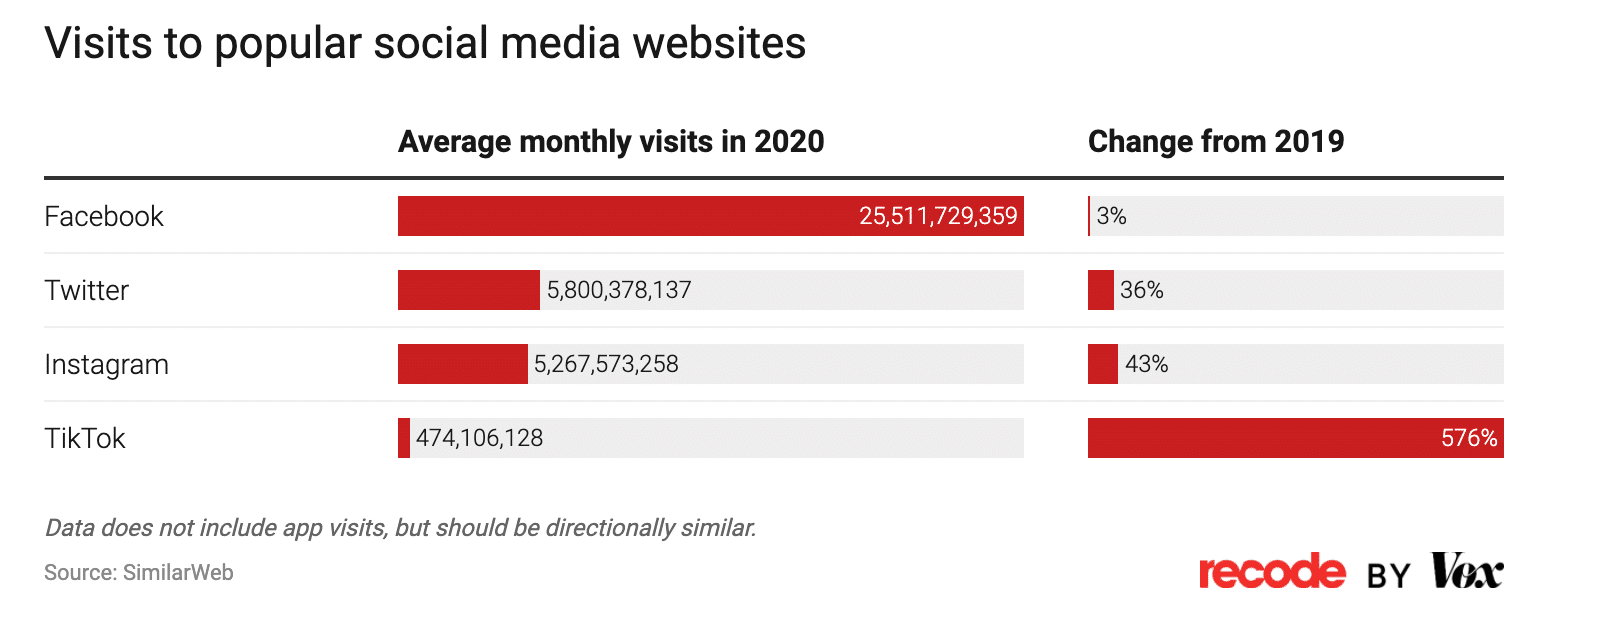 данные о посещениях популярных социальных сетей